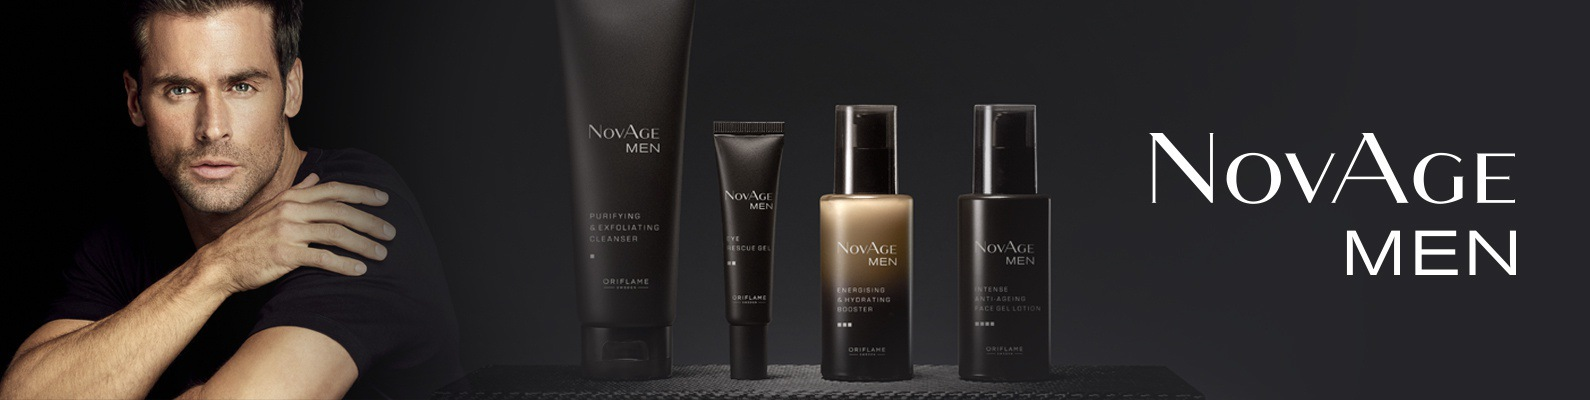 NovAge Men